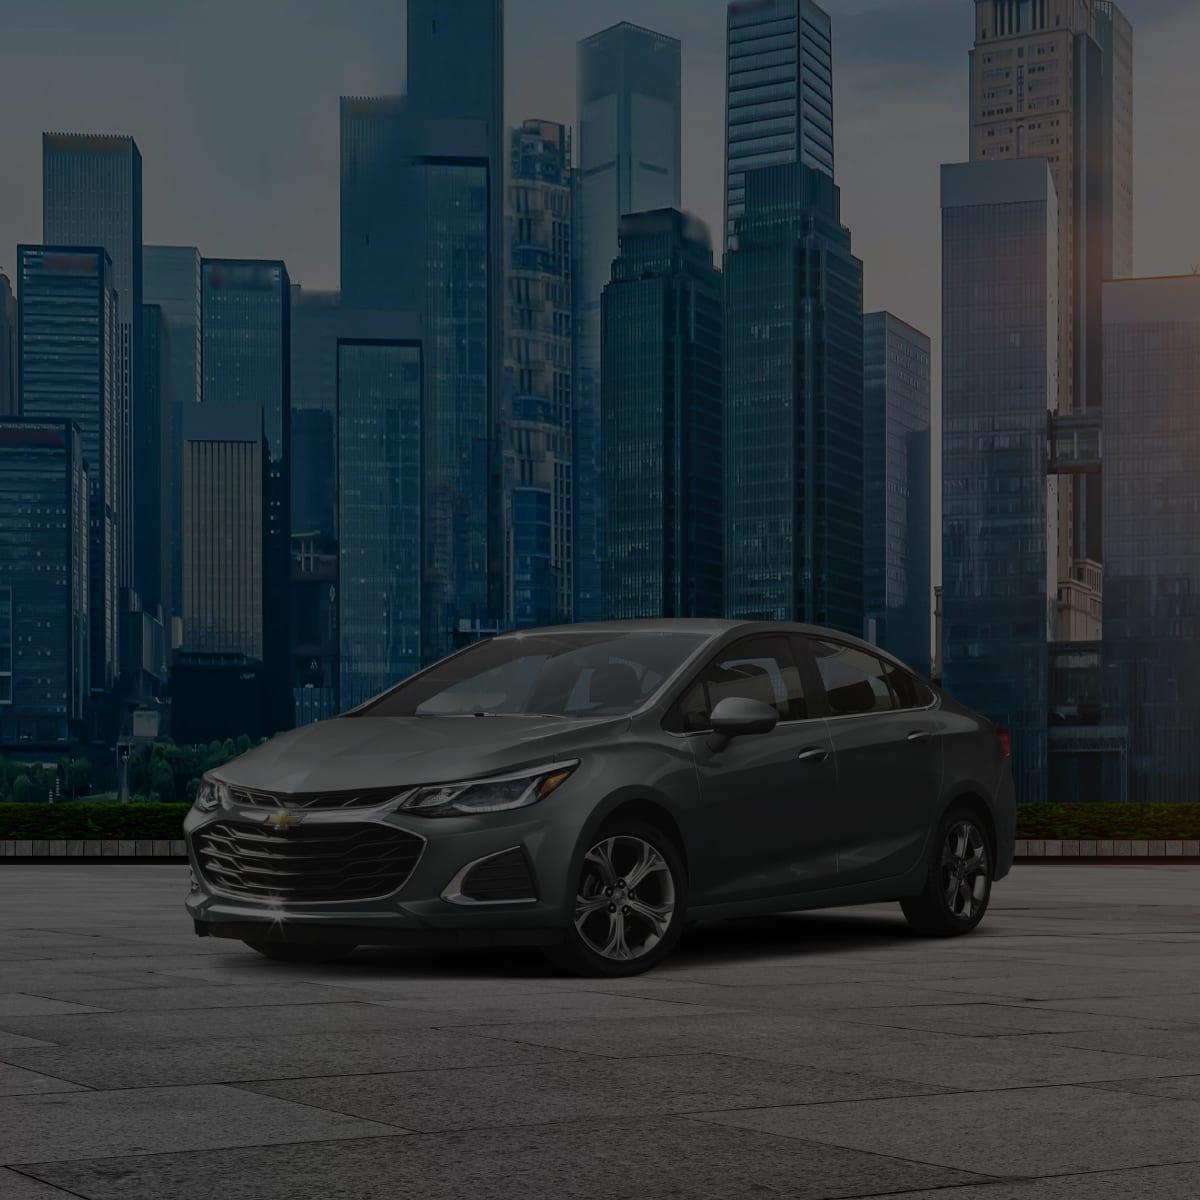 Kelebihan Chevrolet Auto Review